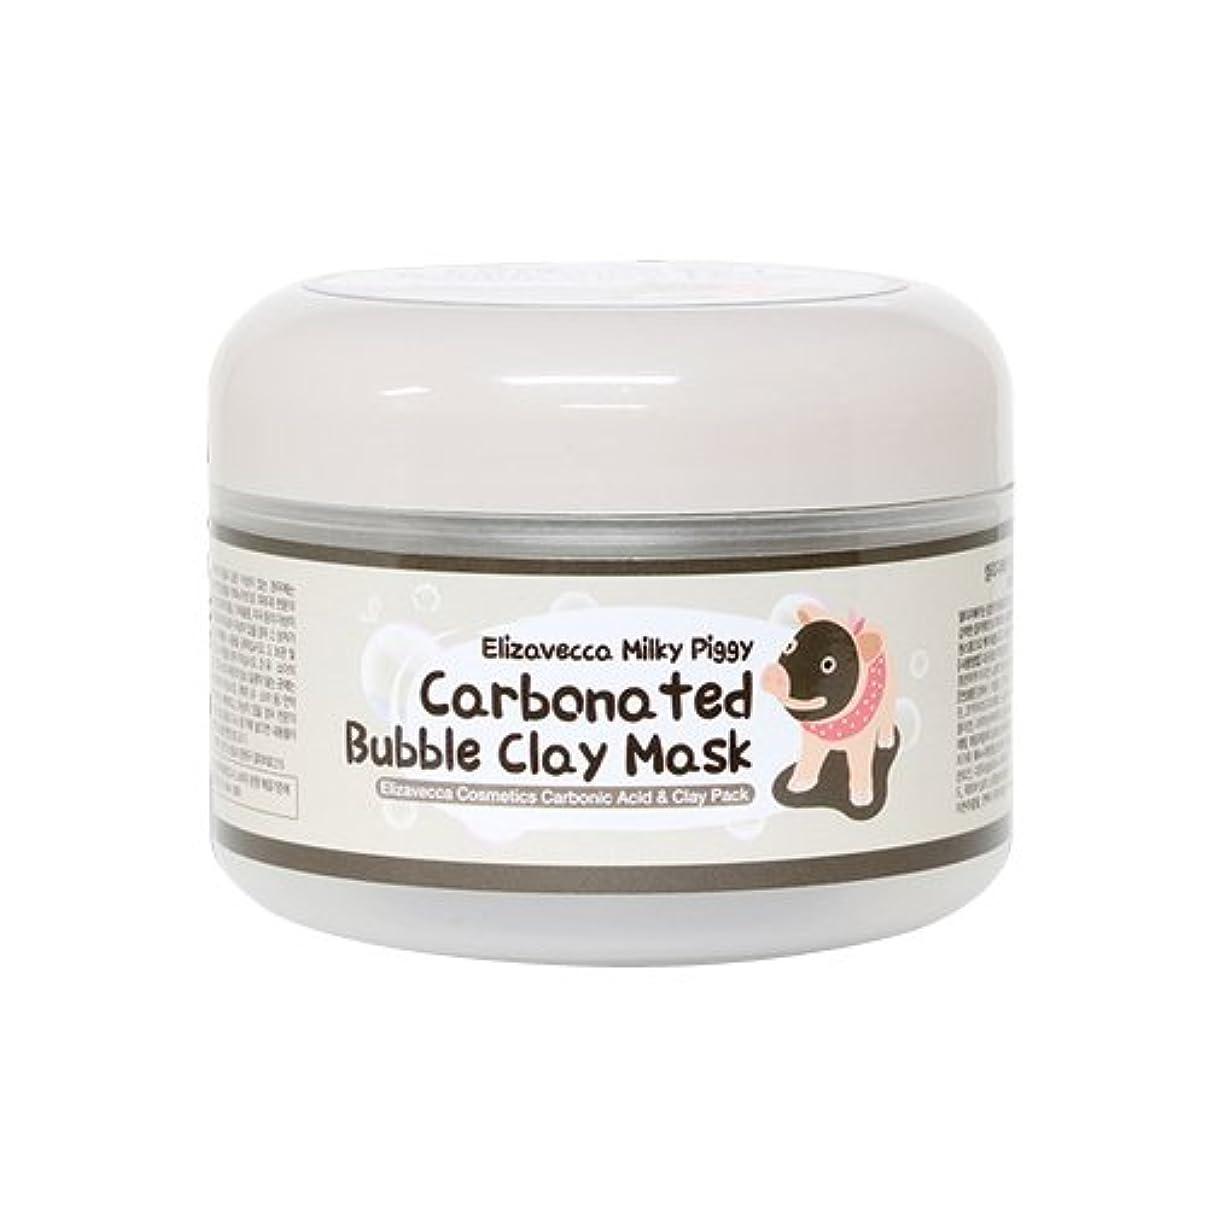 余剰通知シーズン[Elizaecca/エリザベカ/SESALO]炭酸バブルクレイマスク/Carbanated bubble clay mask[海外直送品]